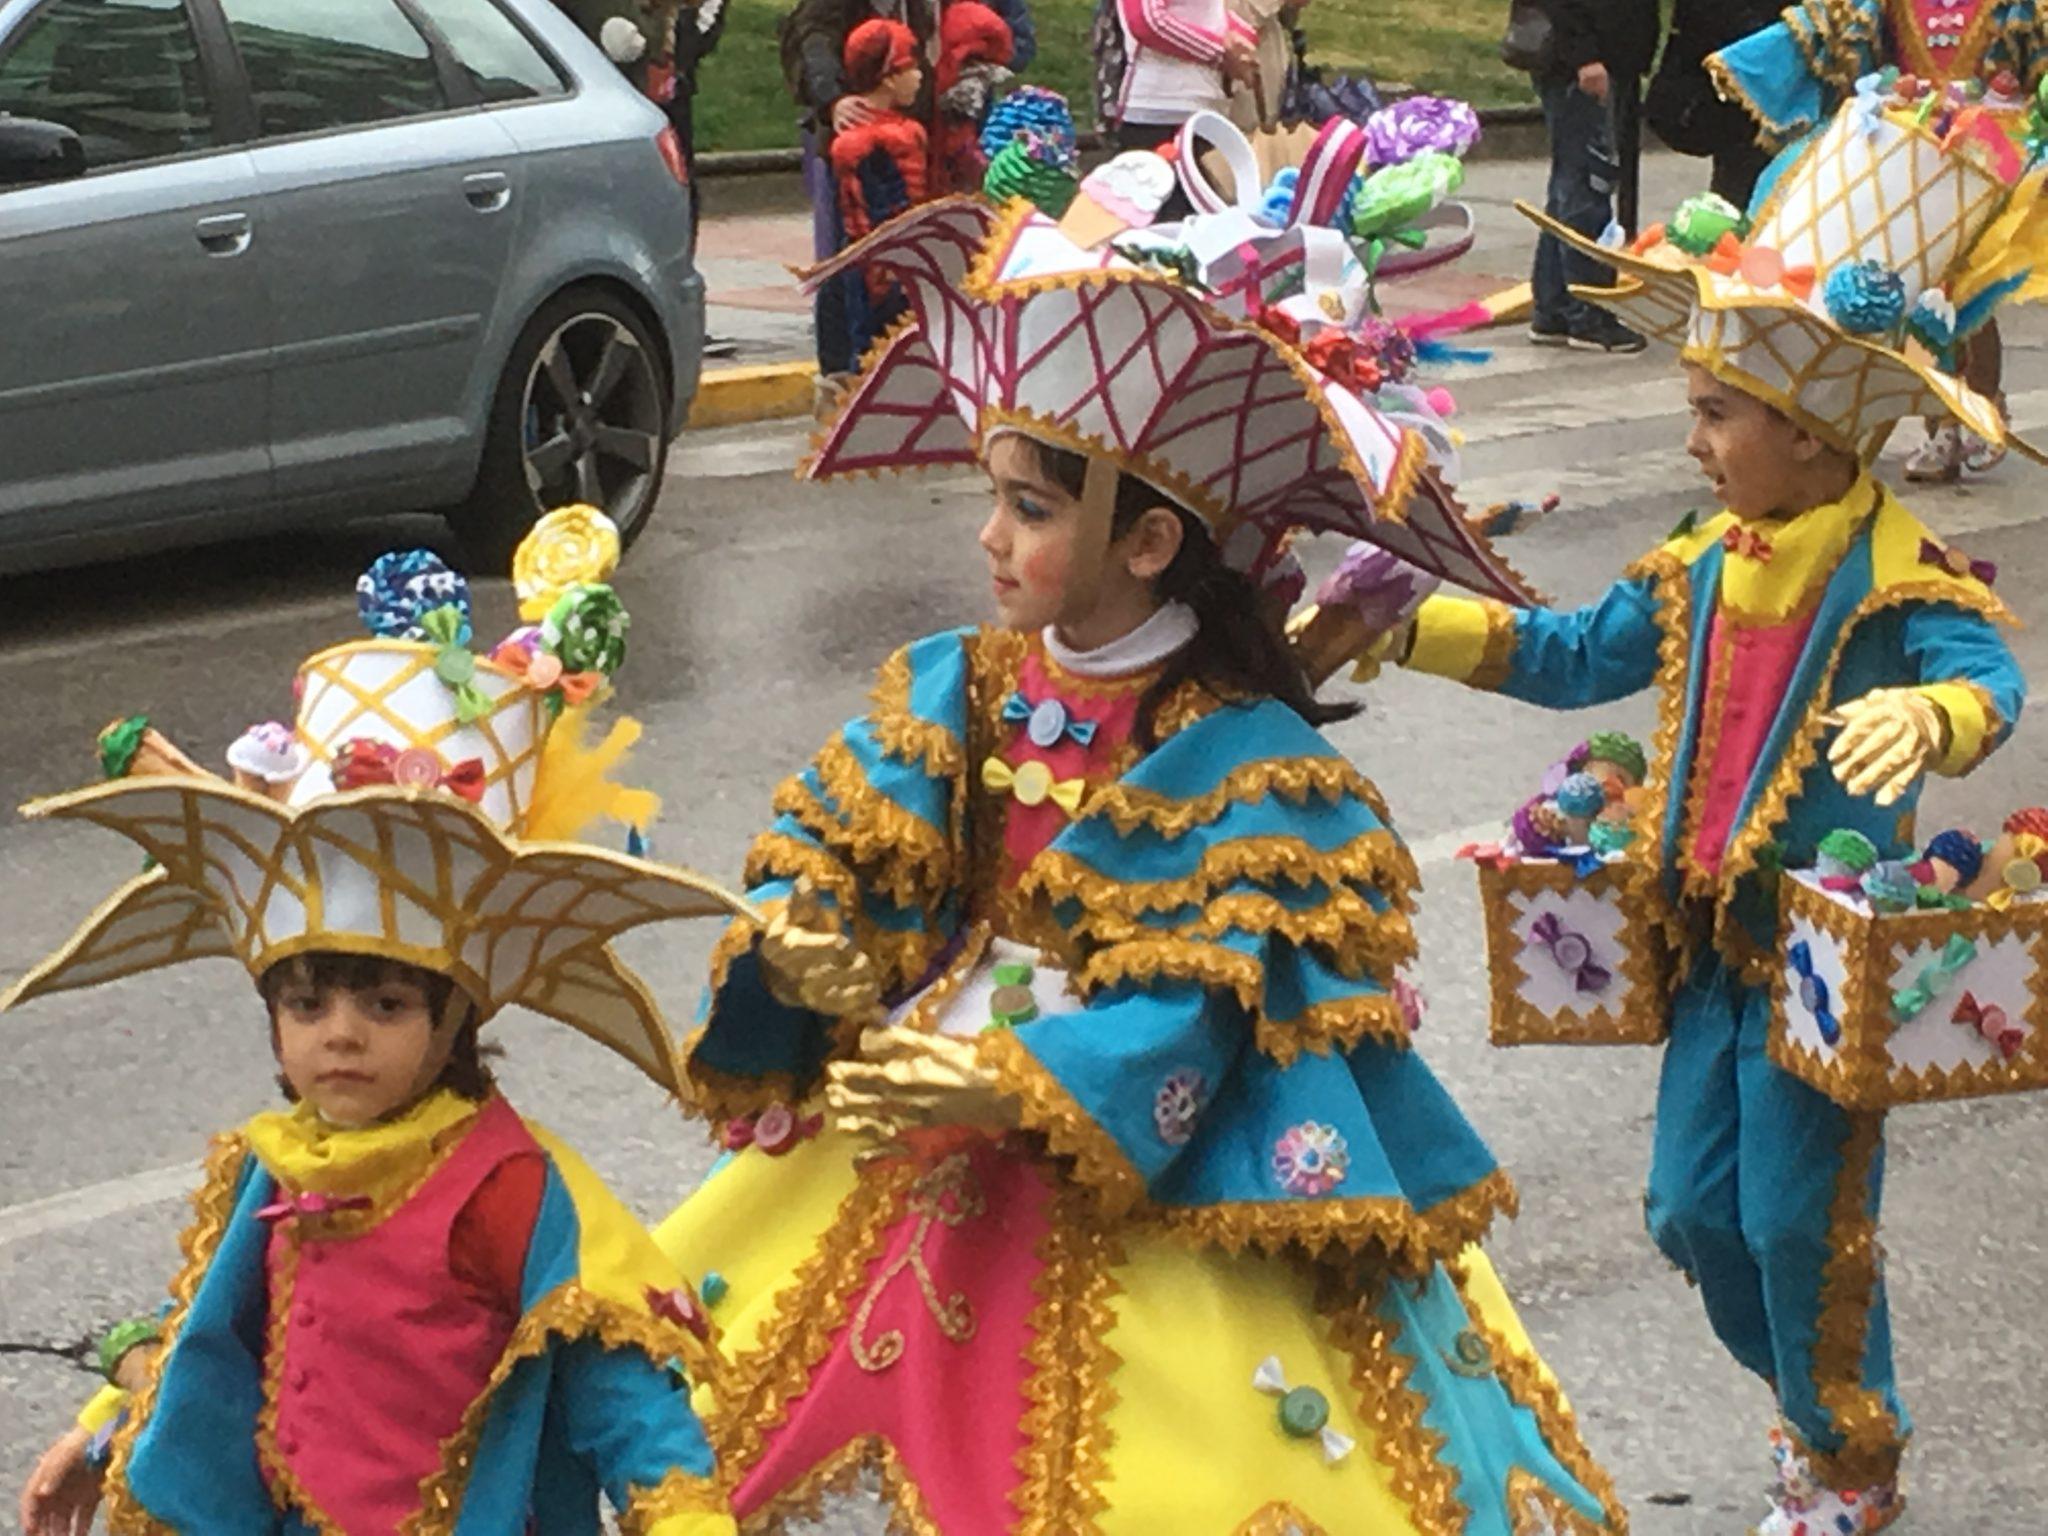 Álbum de fotos del martes de Carnaval 2019 en Ponferrada 58